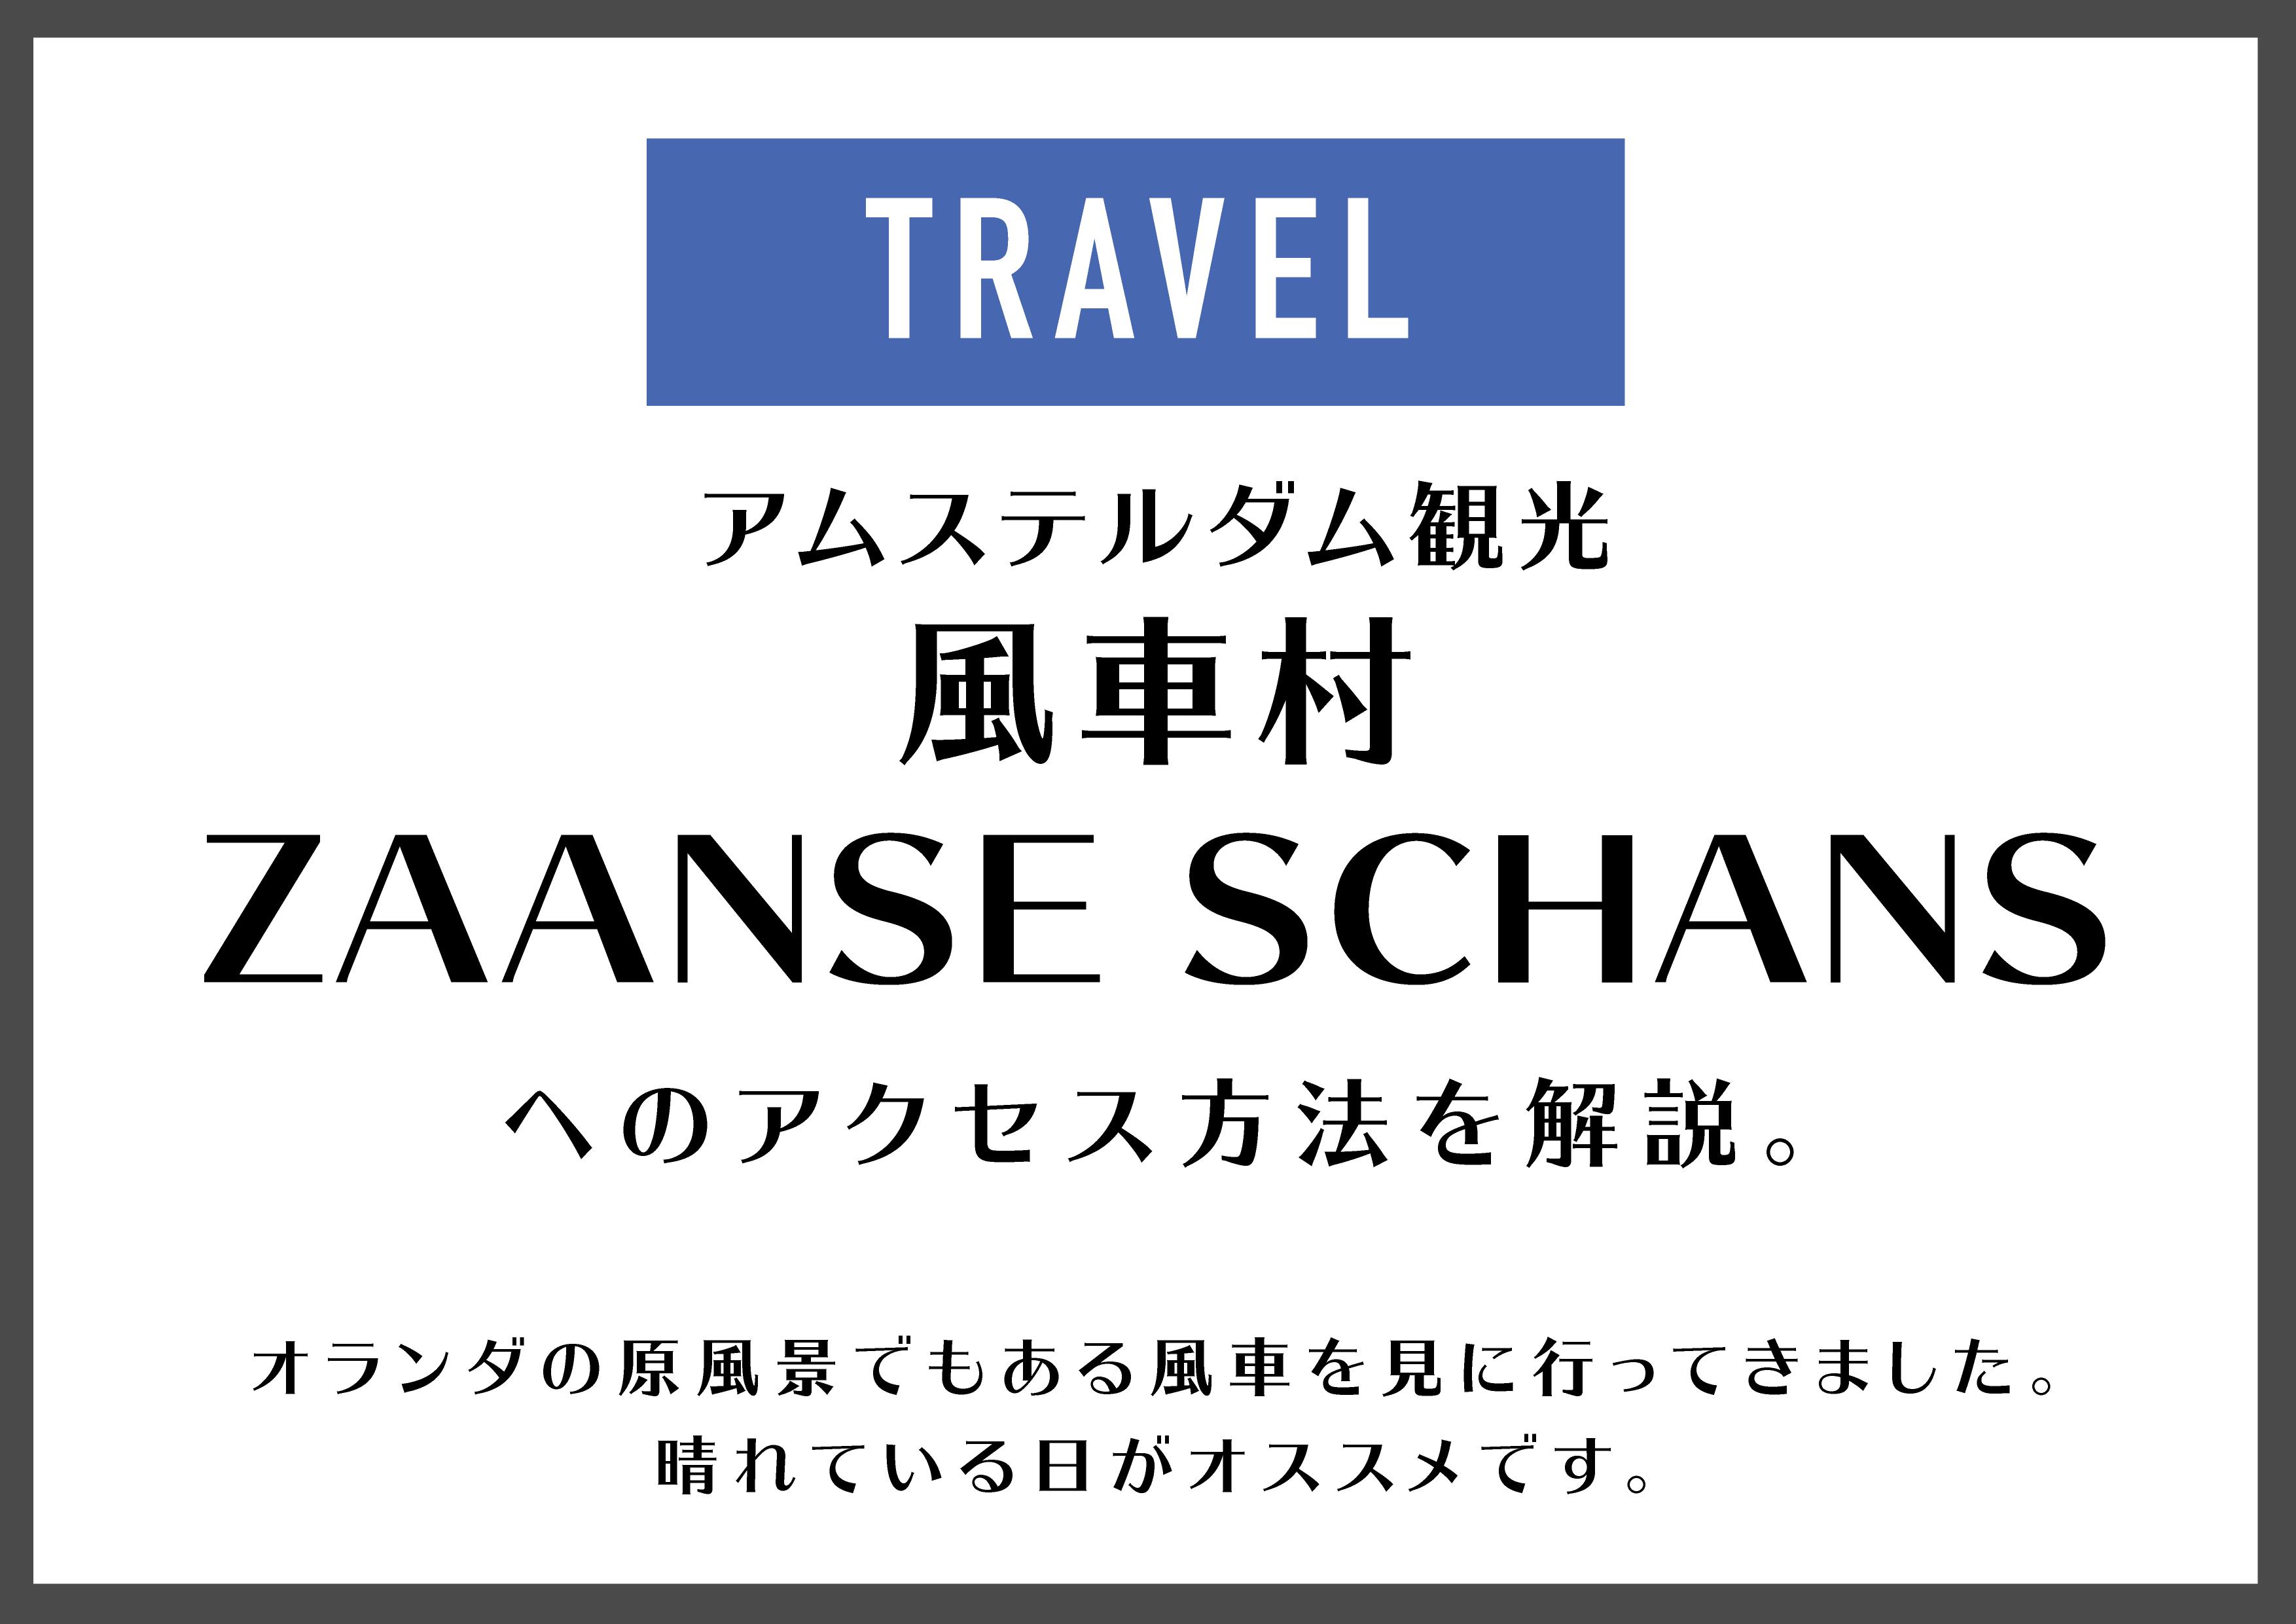 zaanseSchanse 01